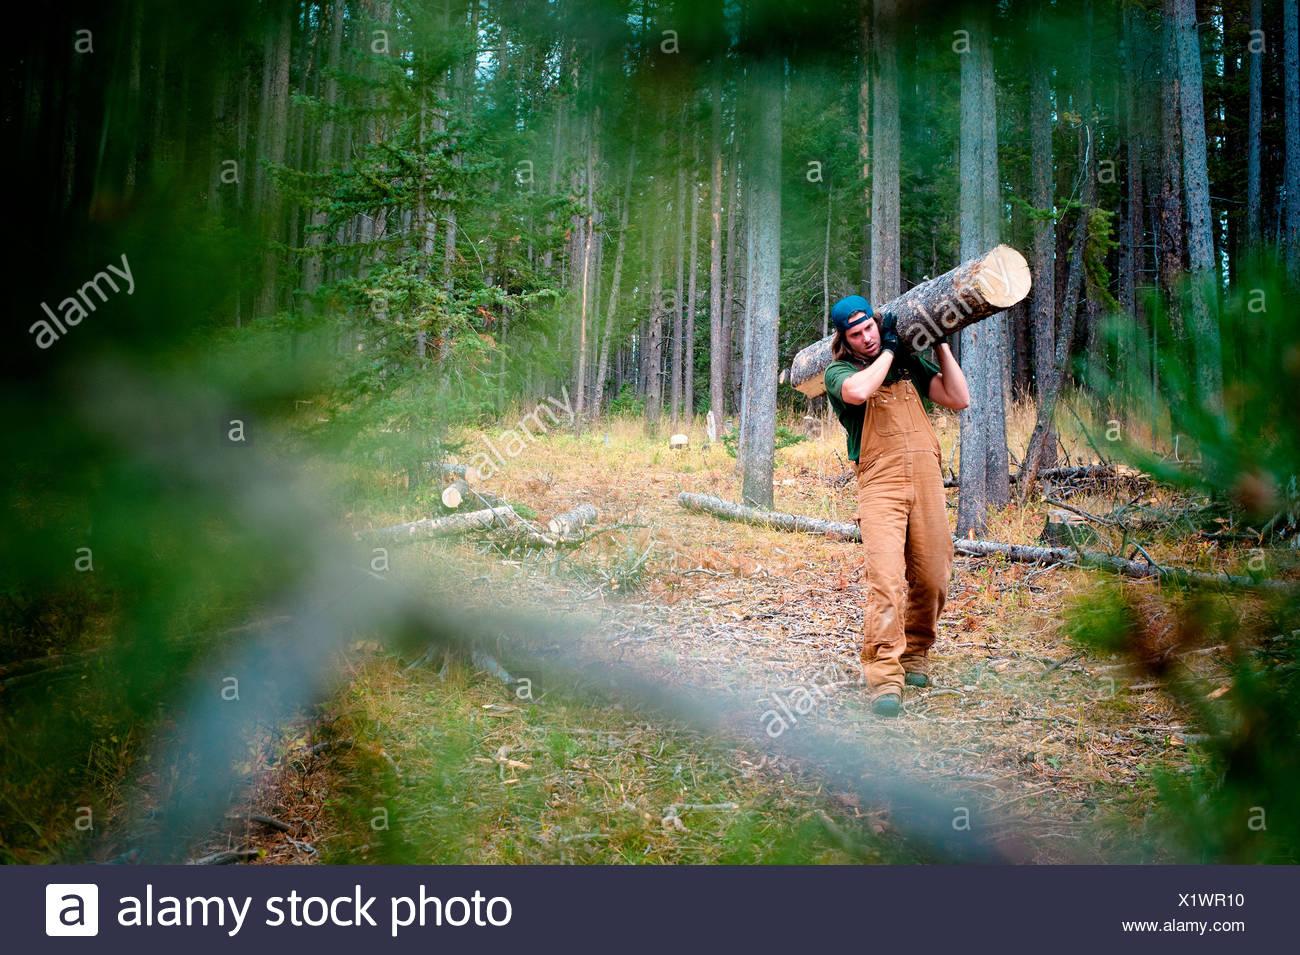 Un hombre lleva un registro de gran tamaño en el bosque. Imagen De Stock